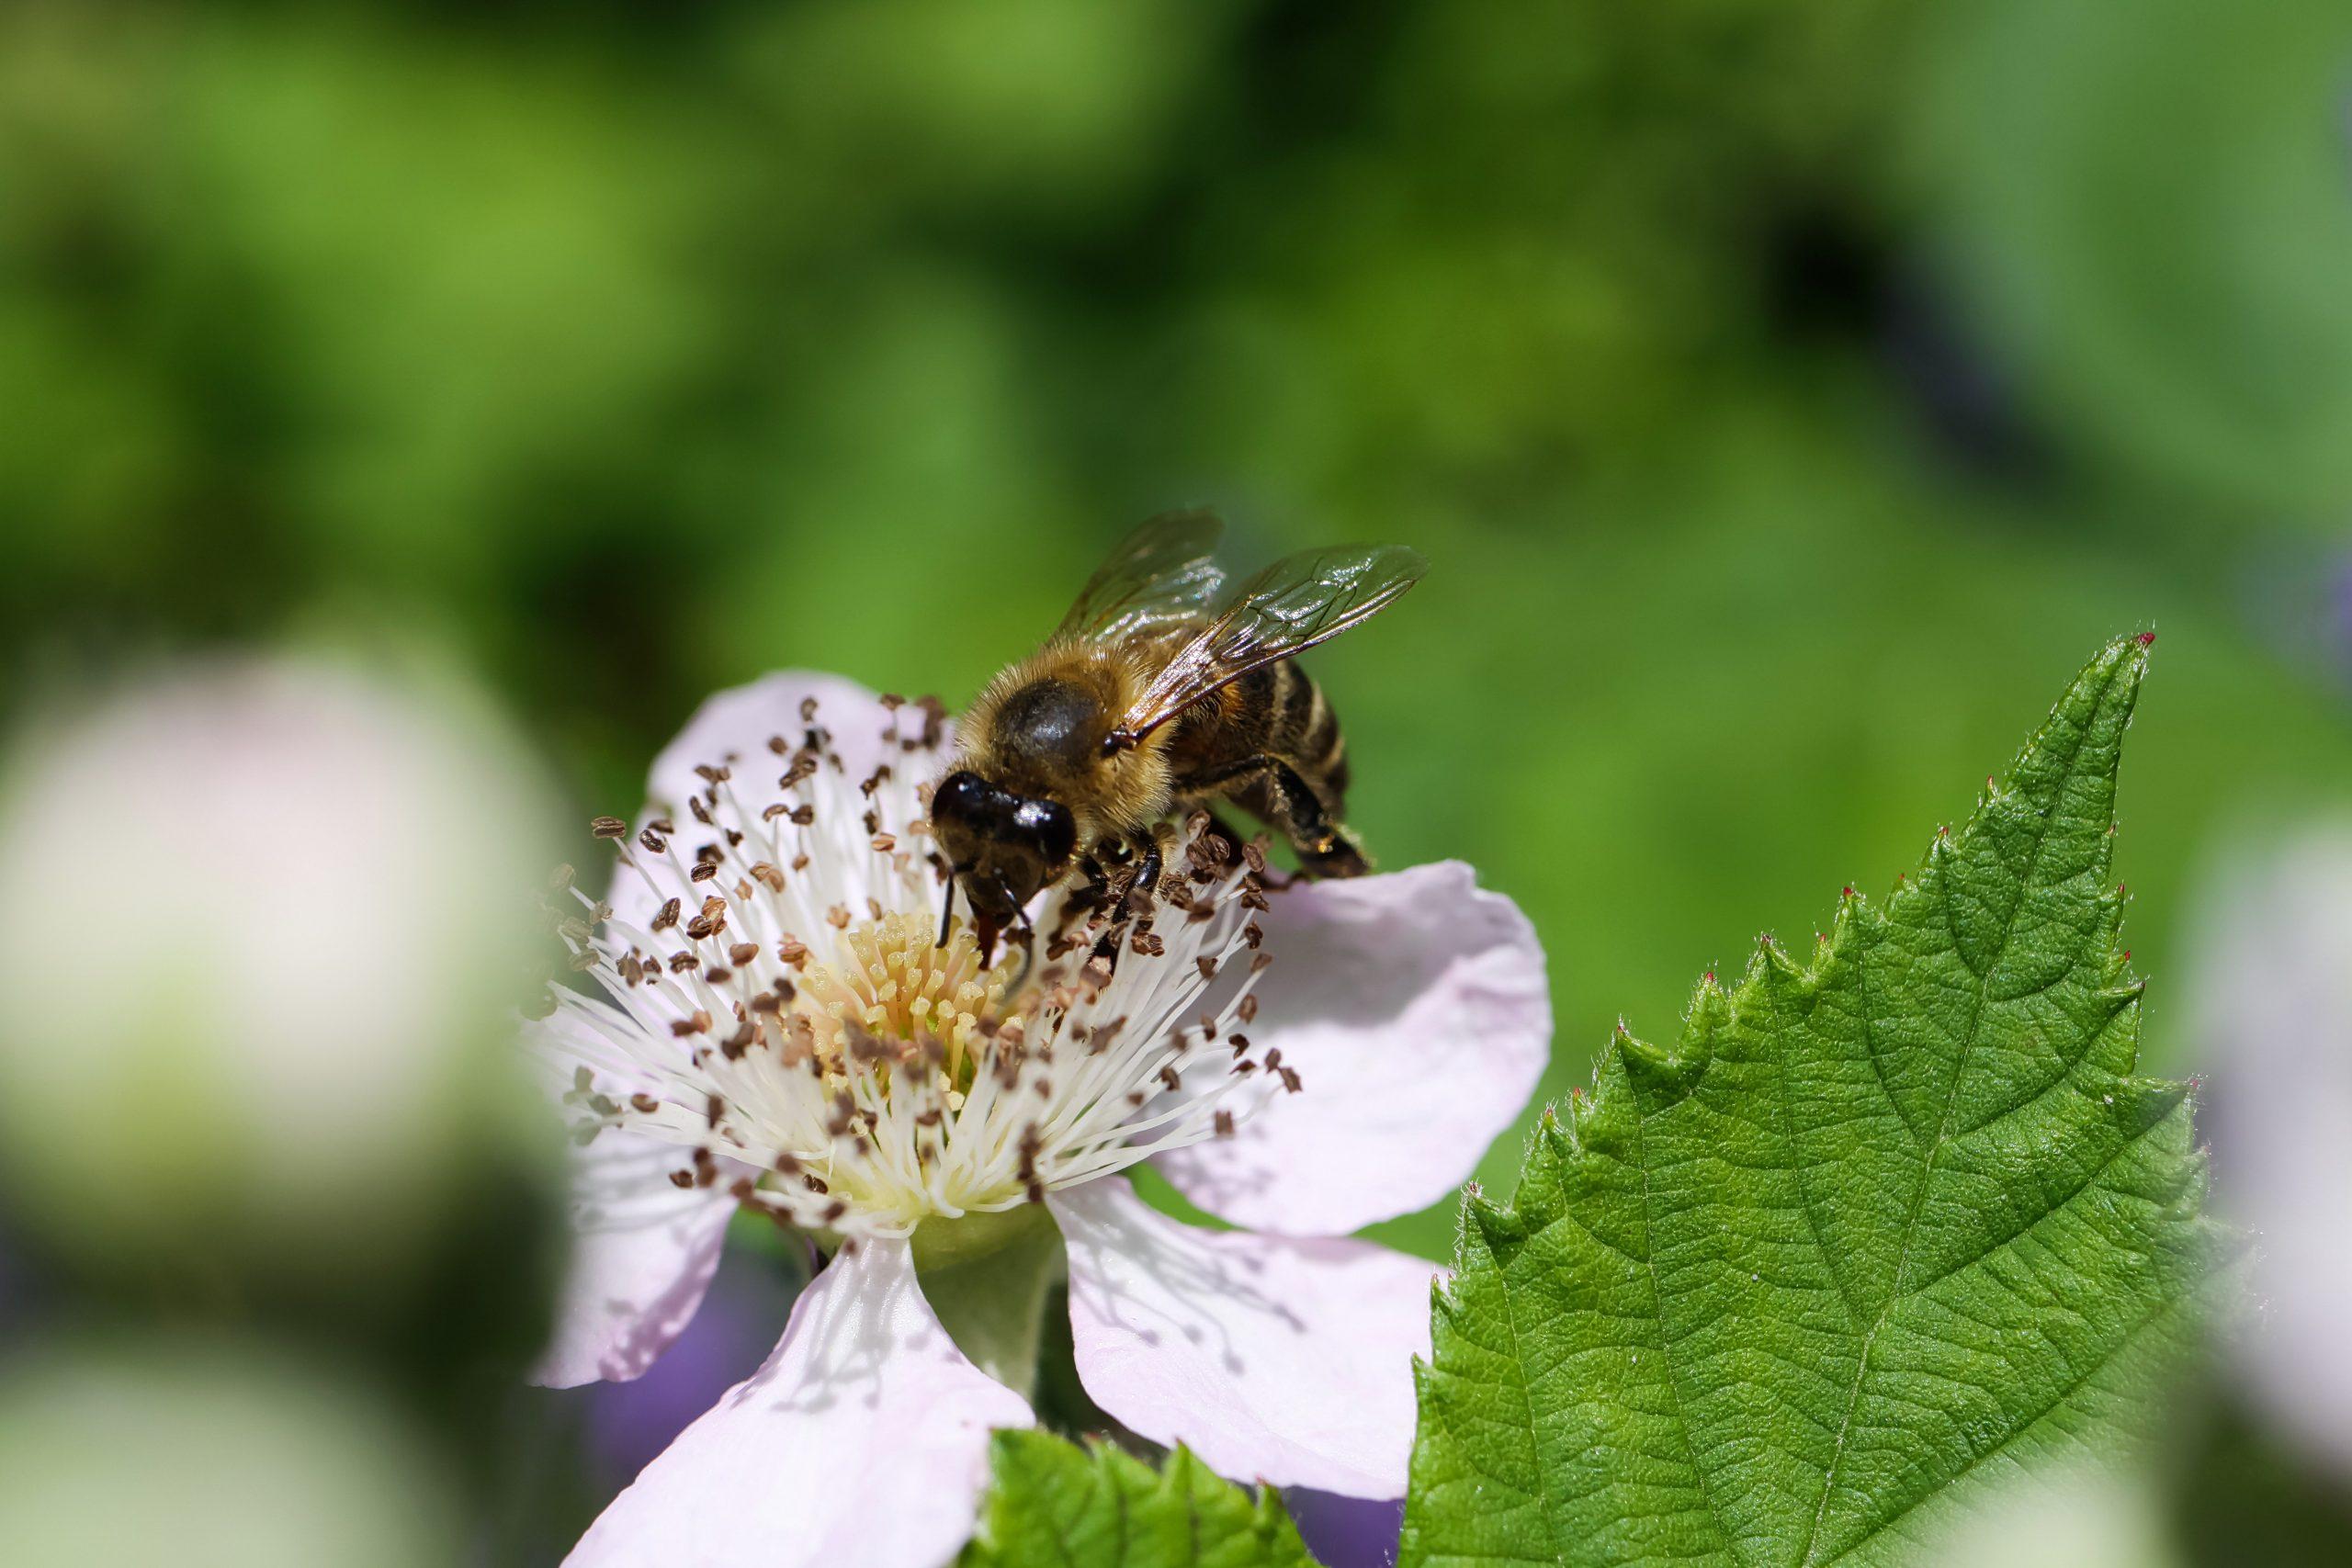 Honey Bee On Blackberry Flower Harvesting Nectar